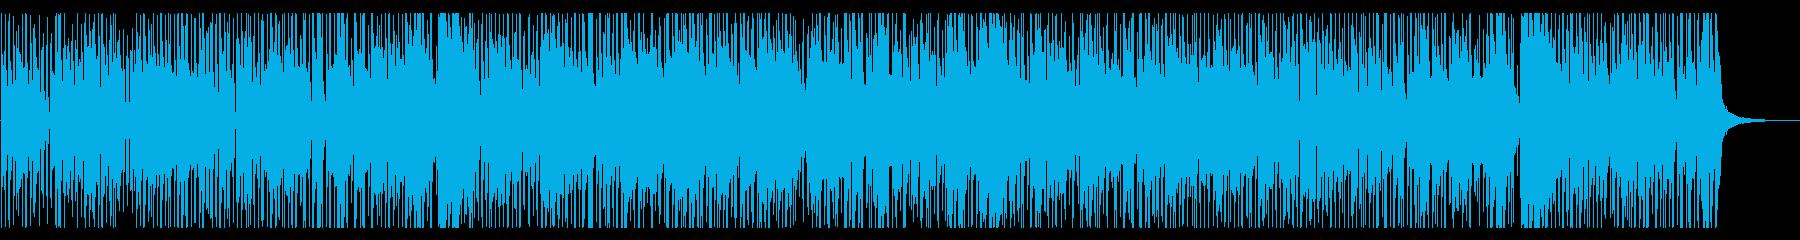 ほのぼの 日常 哀愁感 歌謡曲風 レトロの再生済みの波形